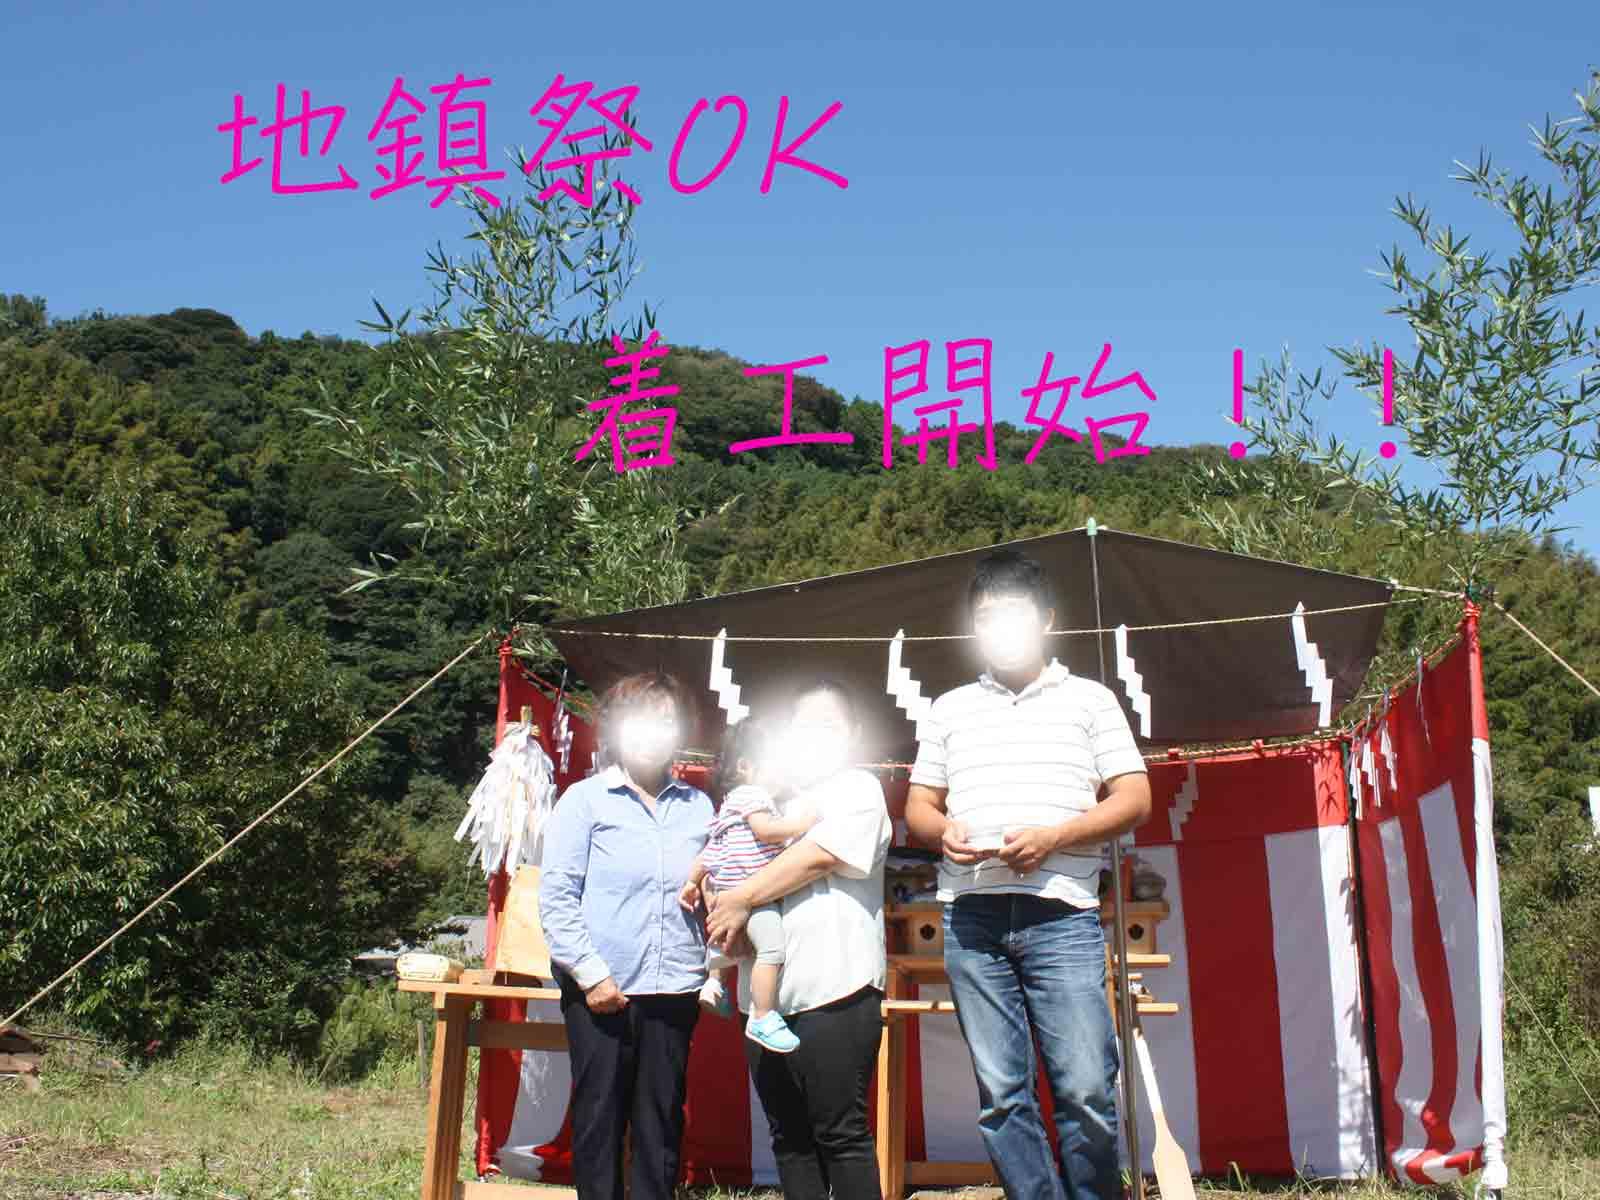 葉山に家を建てる!難航した新築プロジェクトが着工開始に まとめ